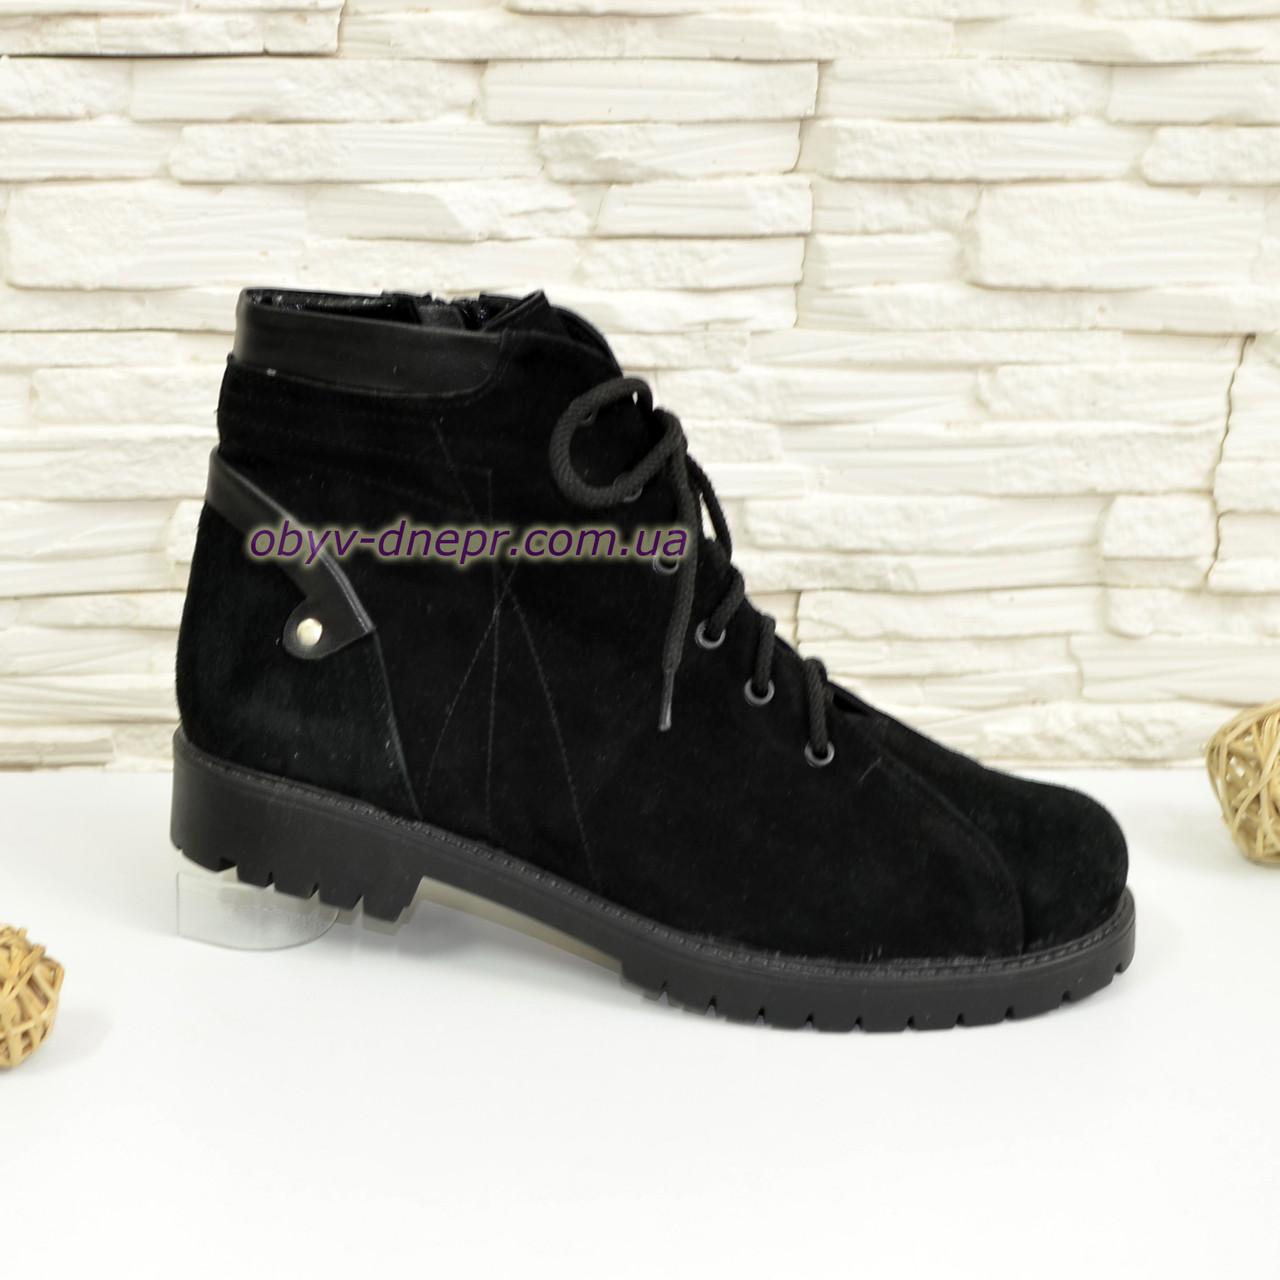 Черевики жіночі замшеві на шнурівці, колір чорний.